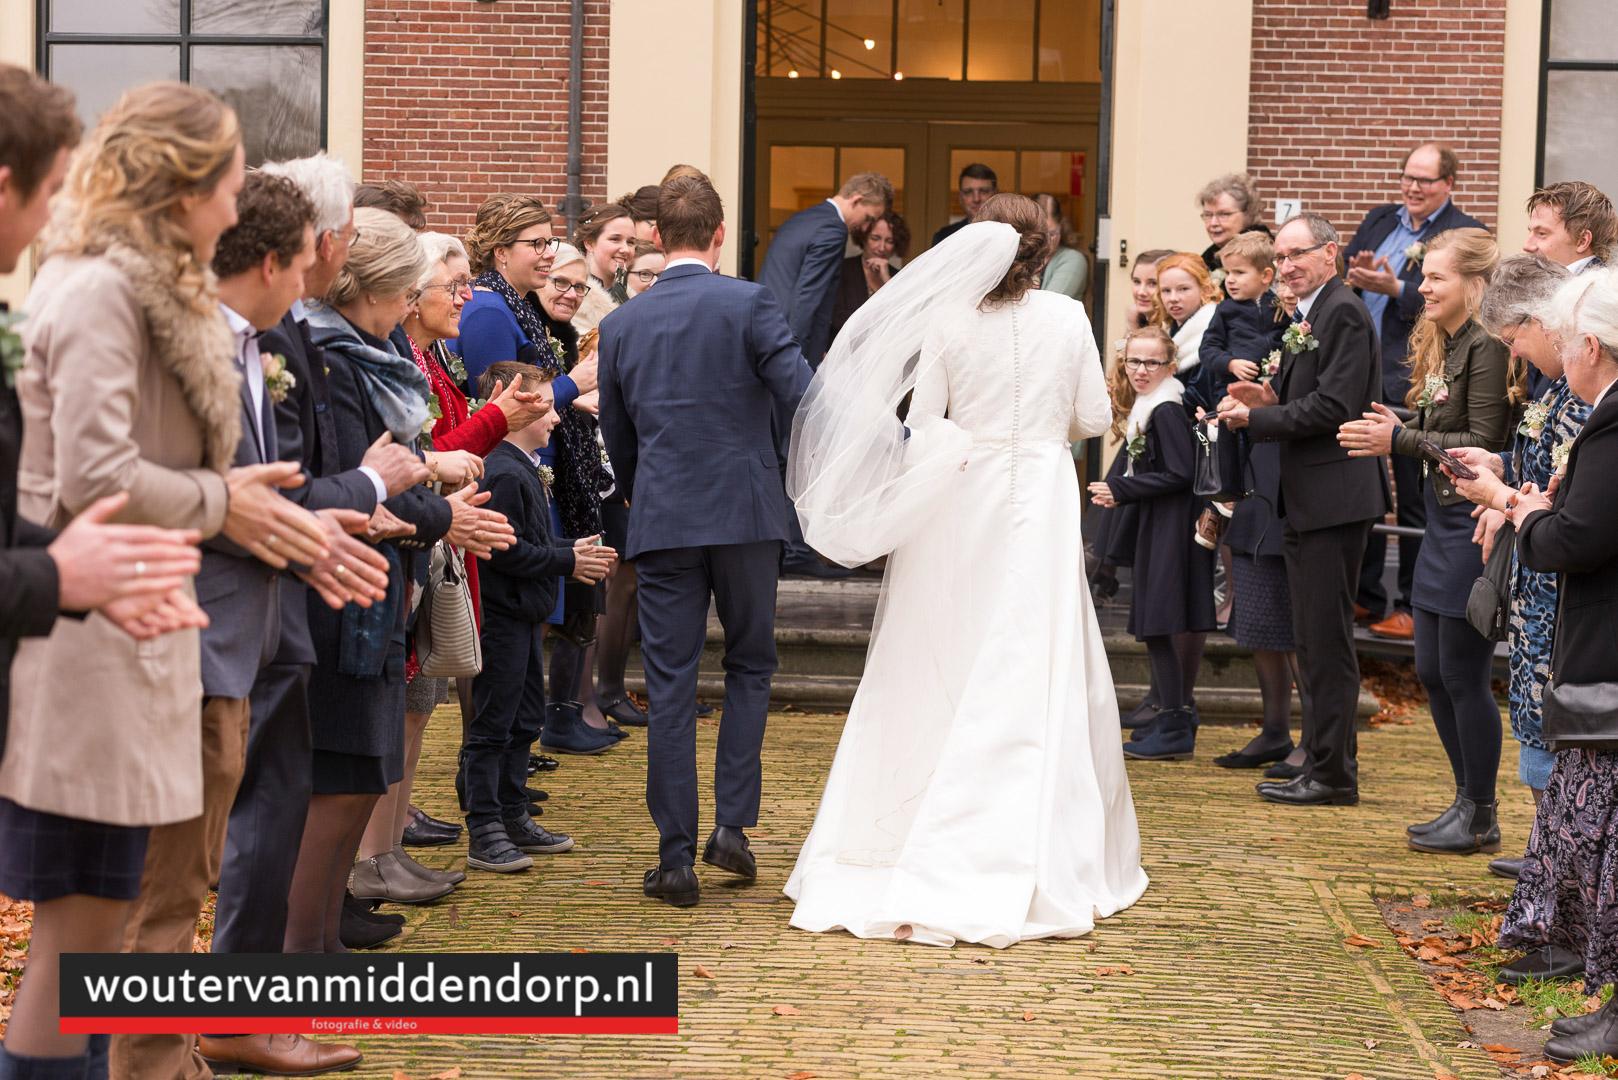 foto Wouter van Middendorp Uddel, Veluwe, Gelderland, trouwfotograaf (9)